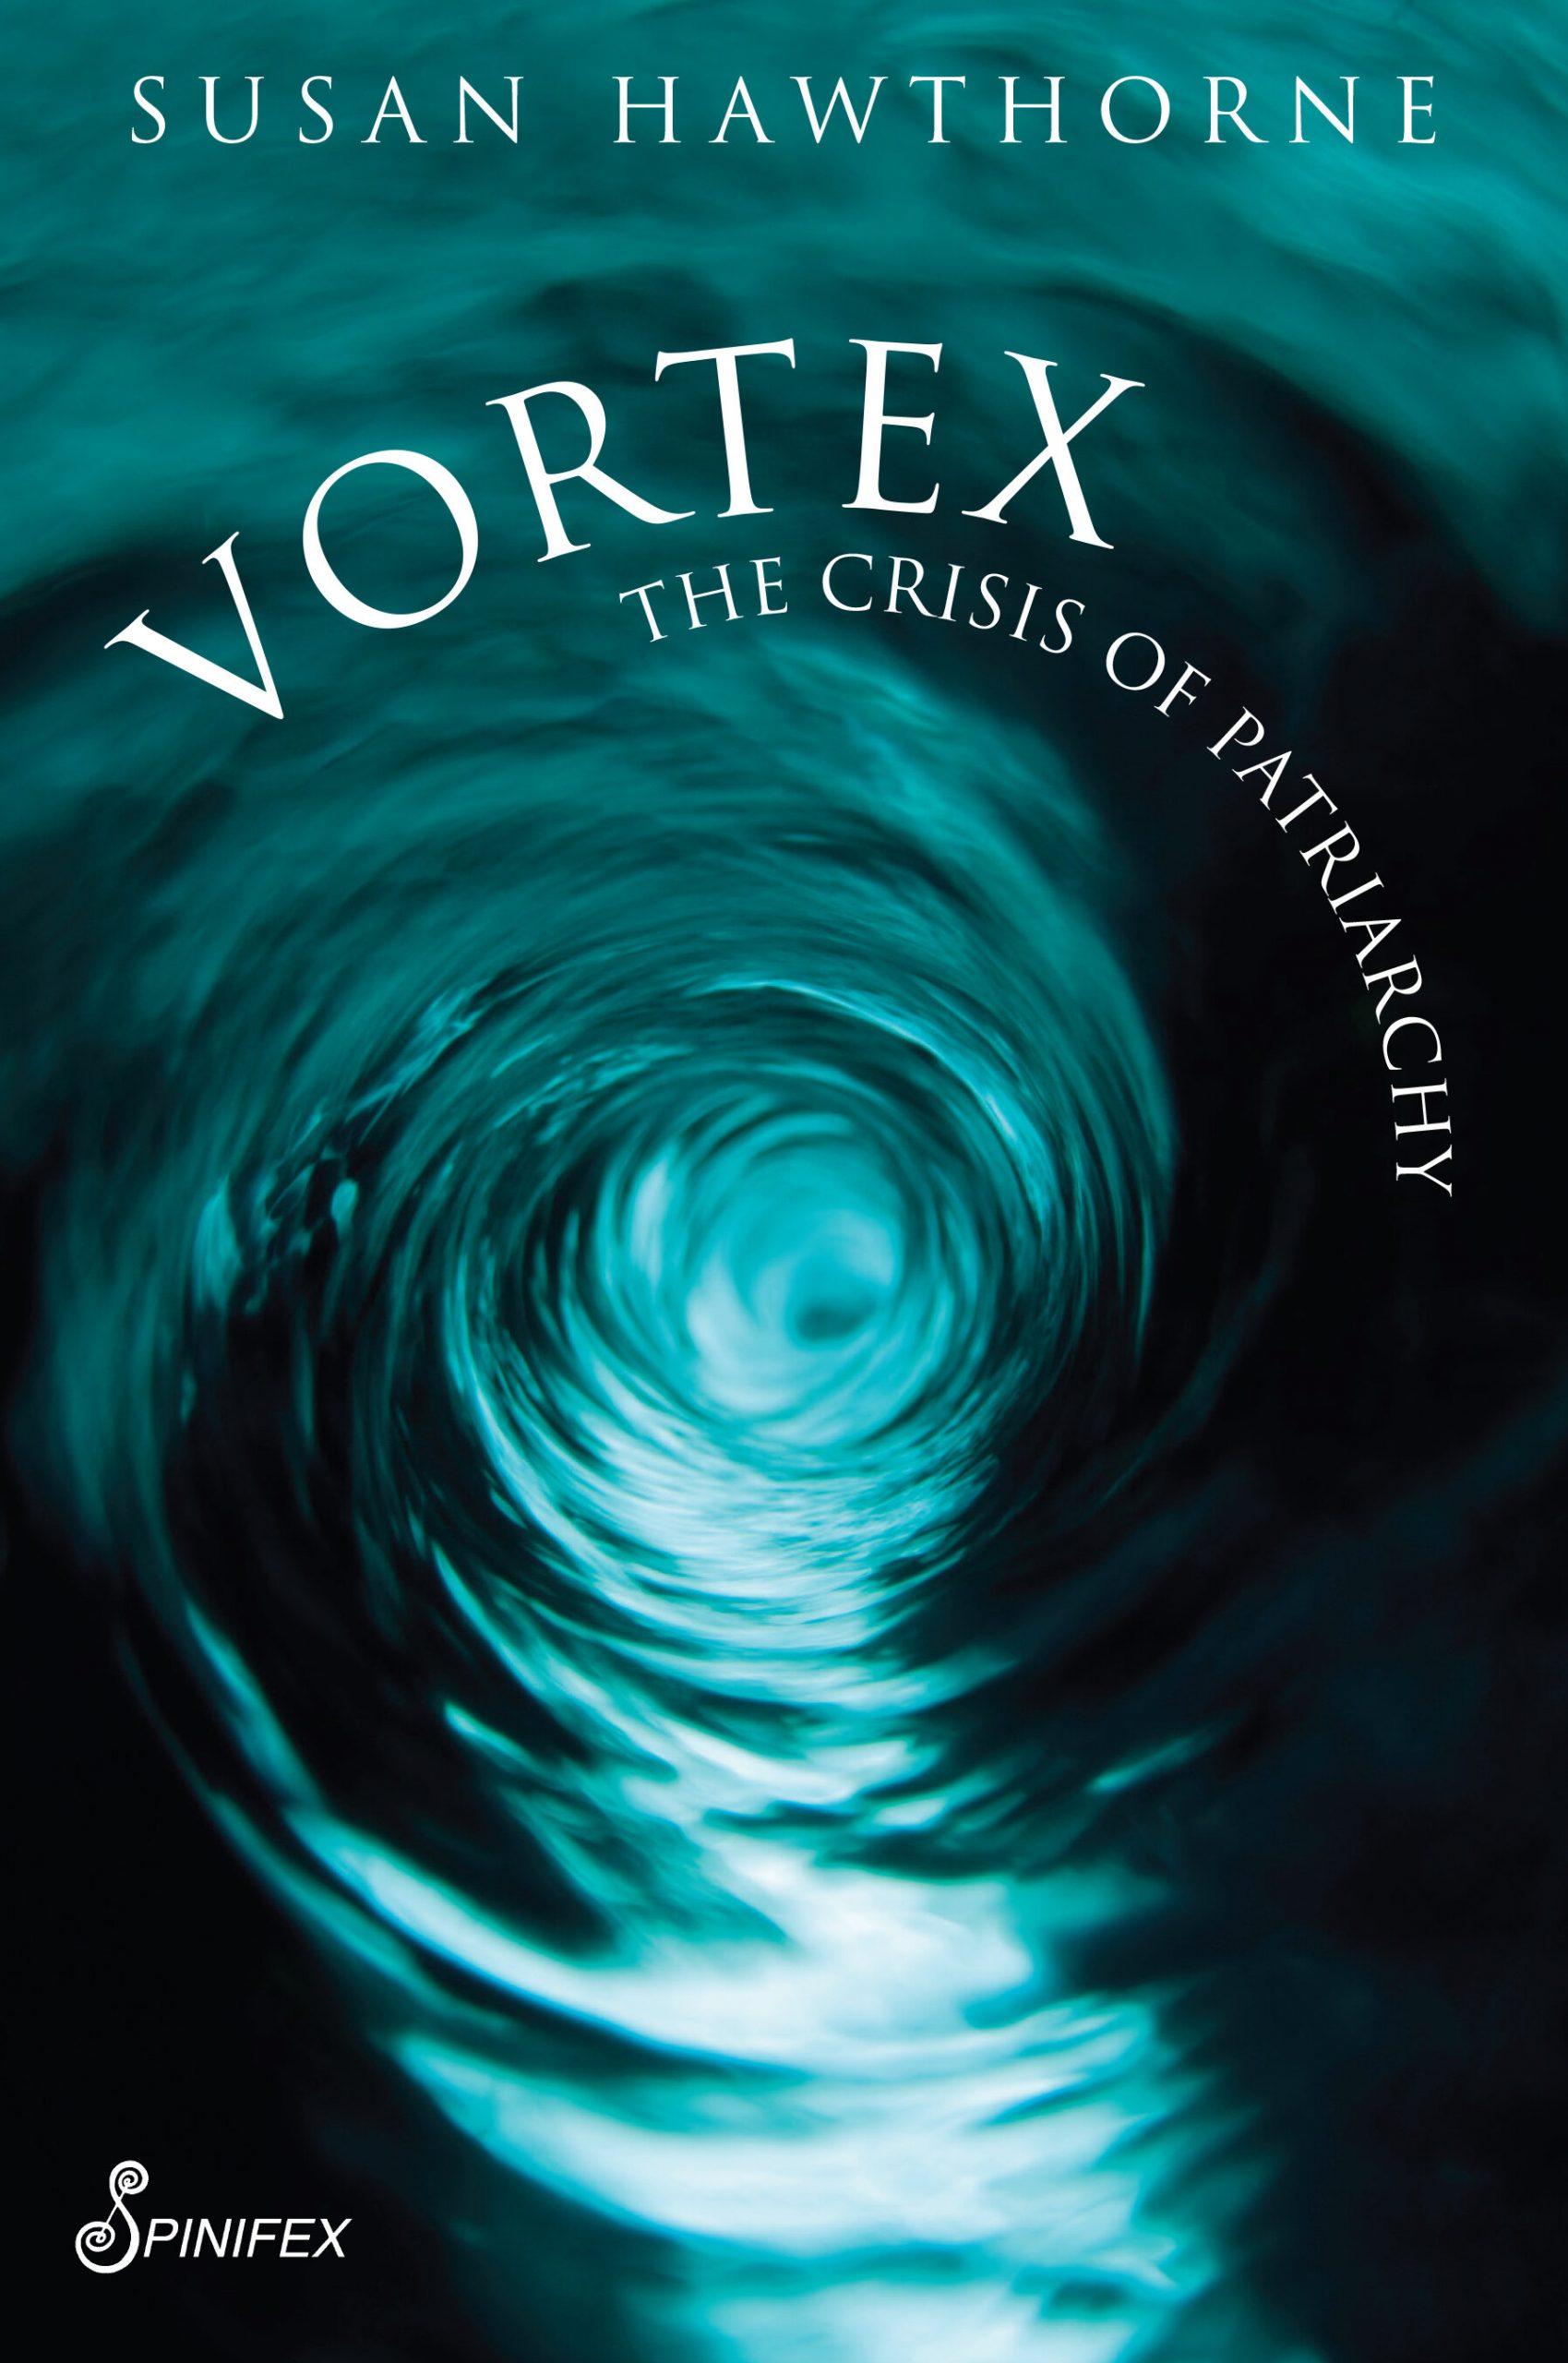 Vortex: The Crisis of Patriarchy